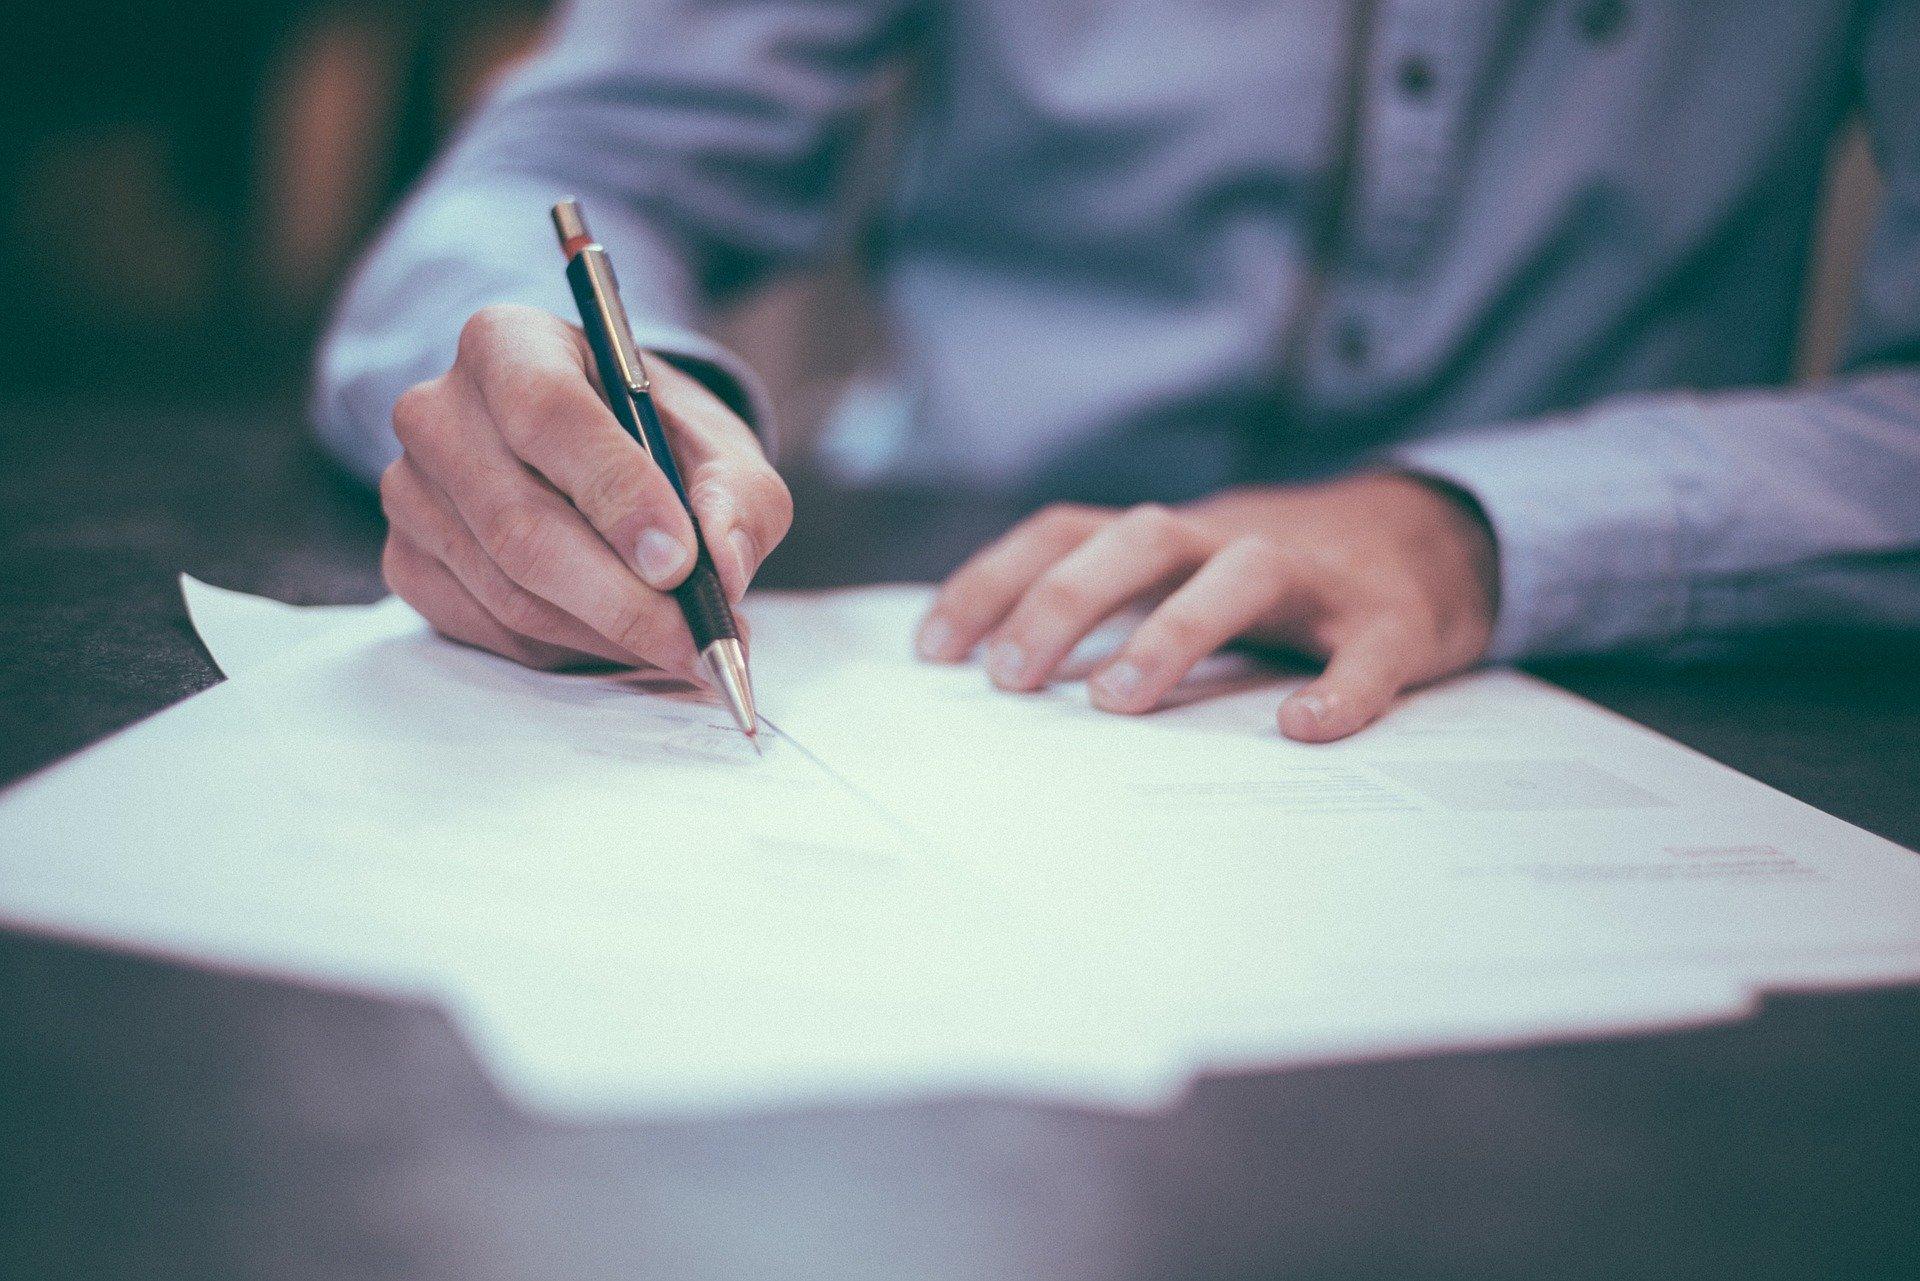 Zniesienie współwłasności – jak przebiega?